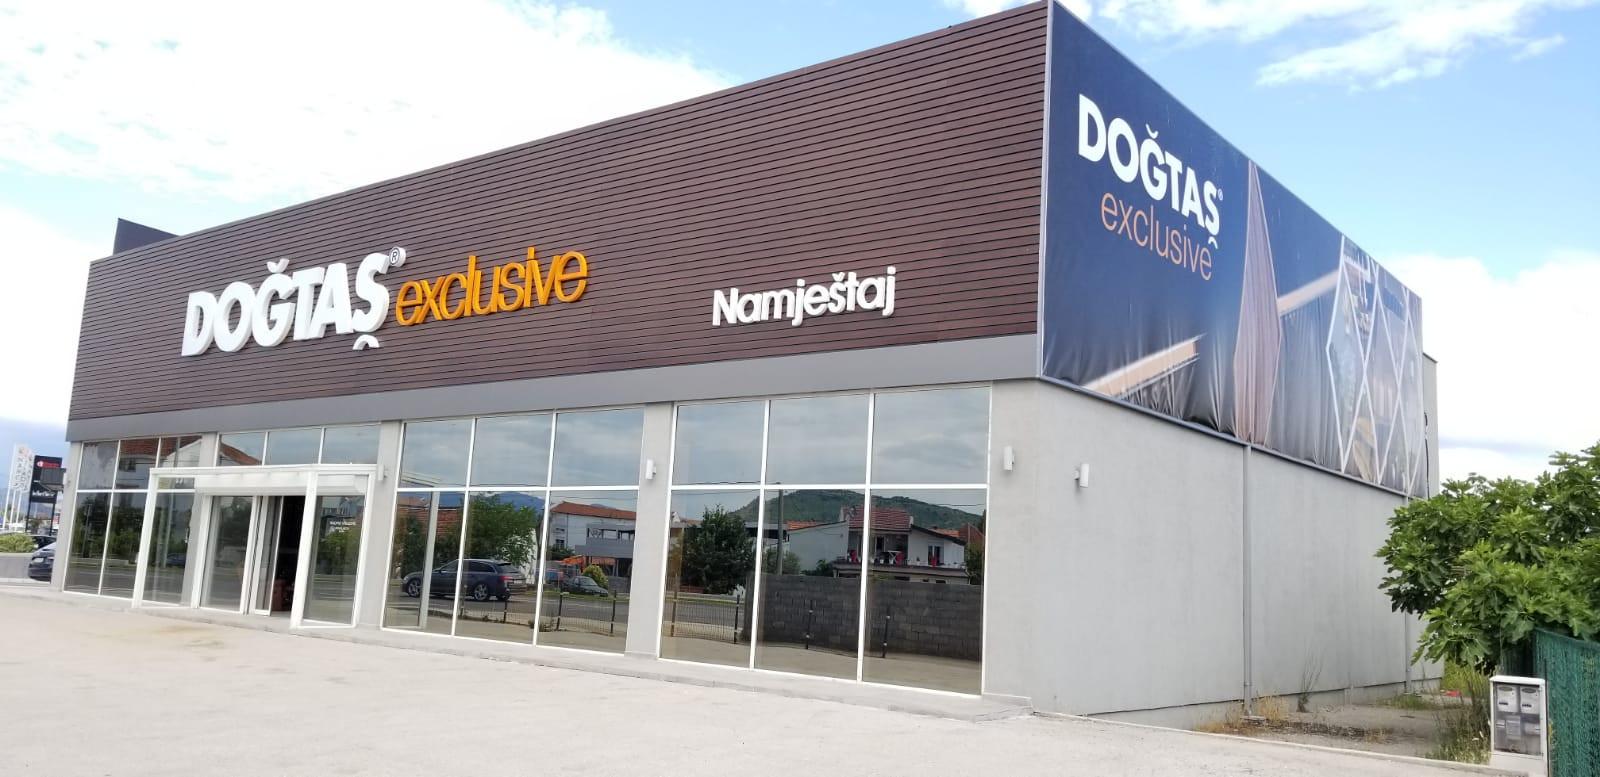 Doğtaş'tan yurtdışına 4 yeni mağaza